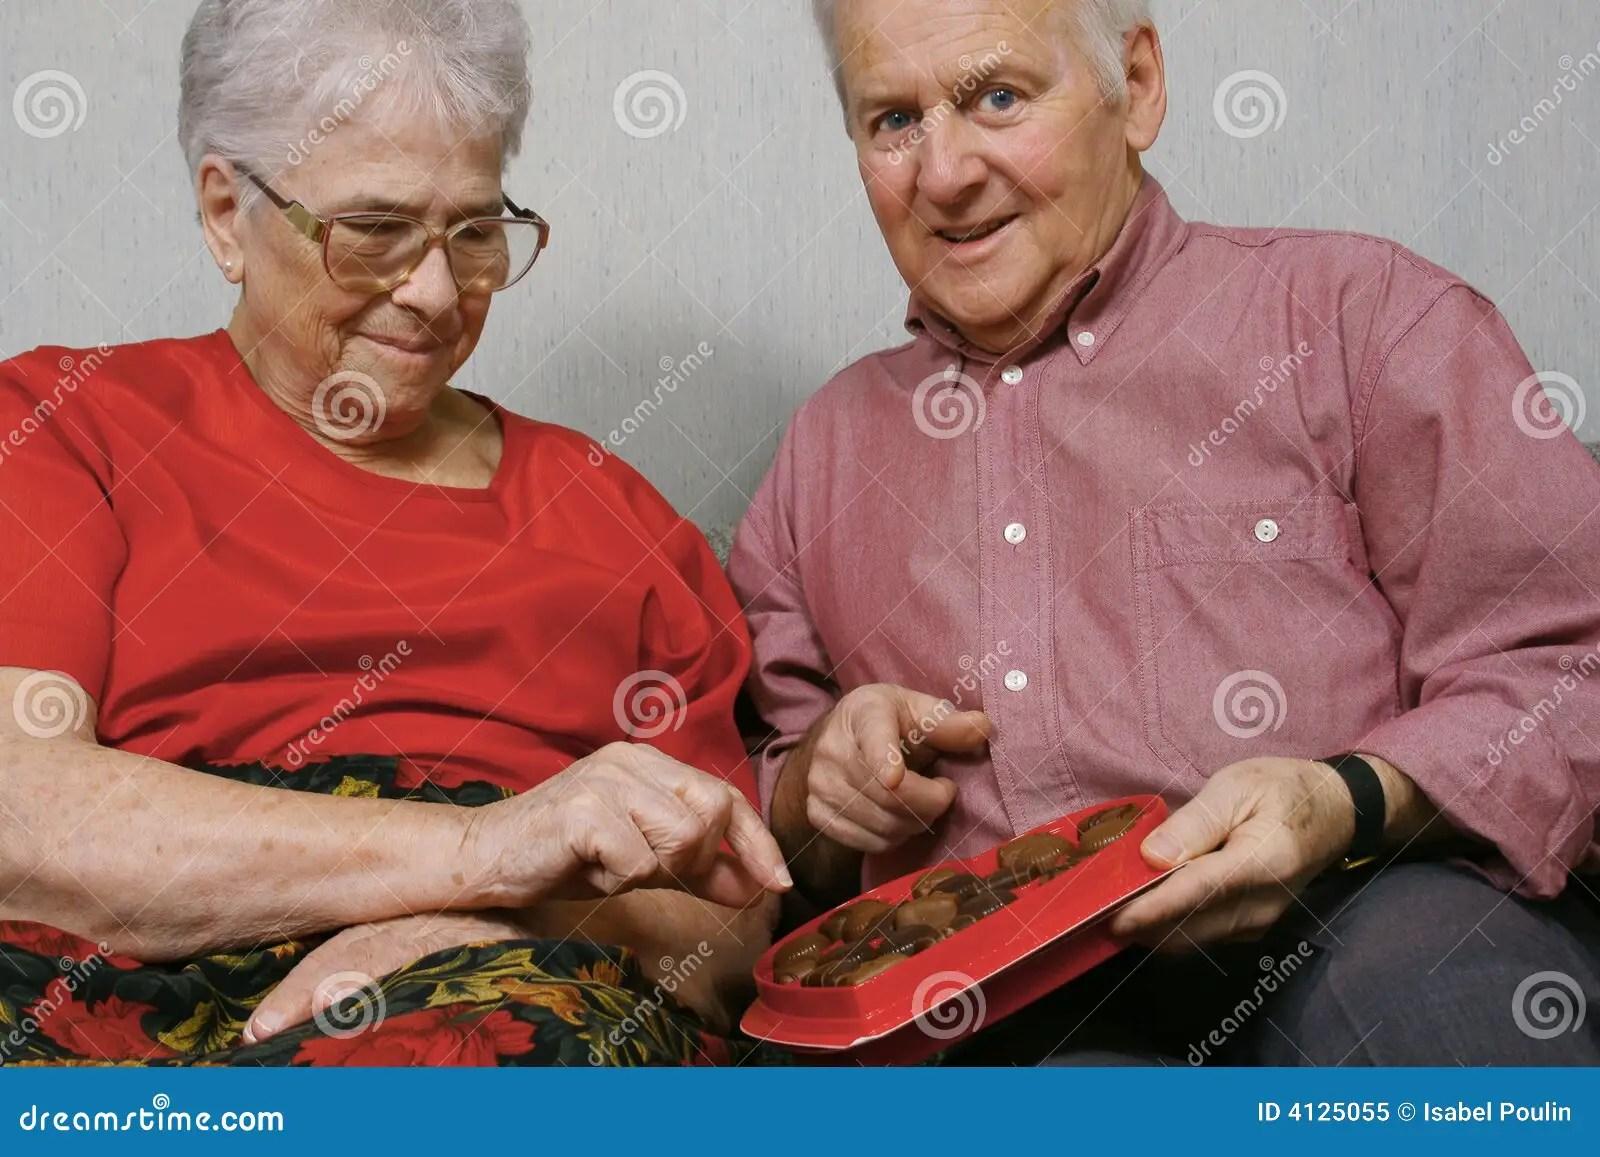 Senior Couple Eat Chocolate Royalty Free Stock Photo Image 4125055